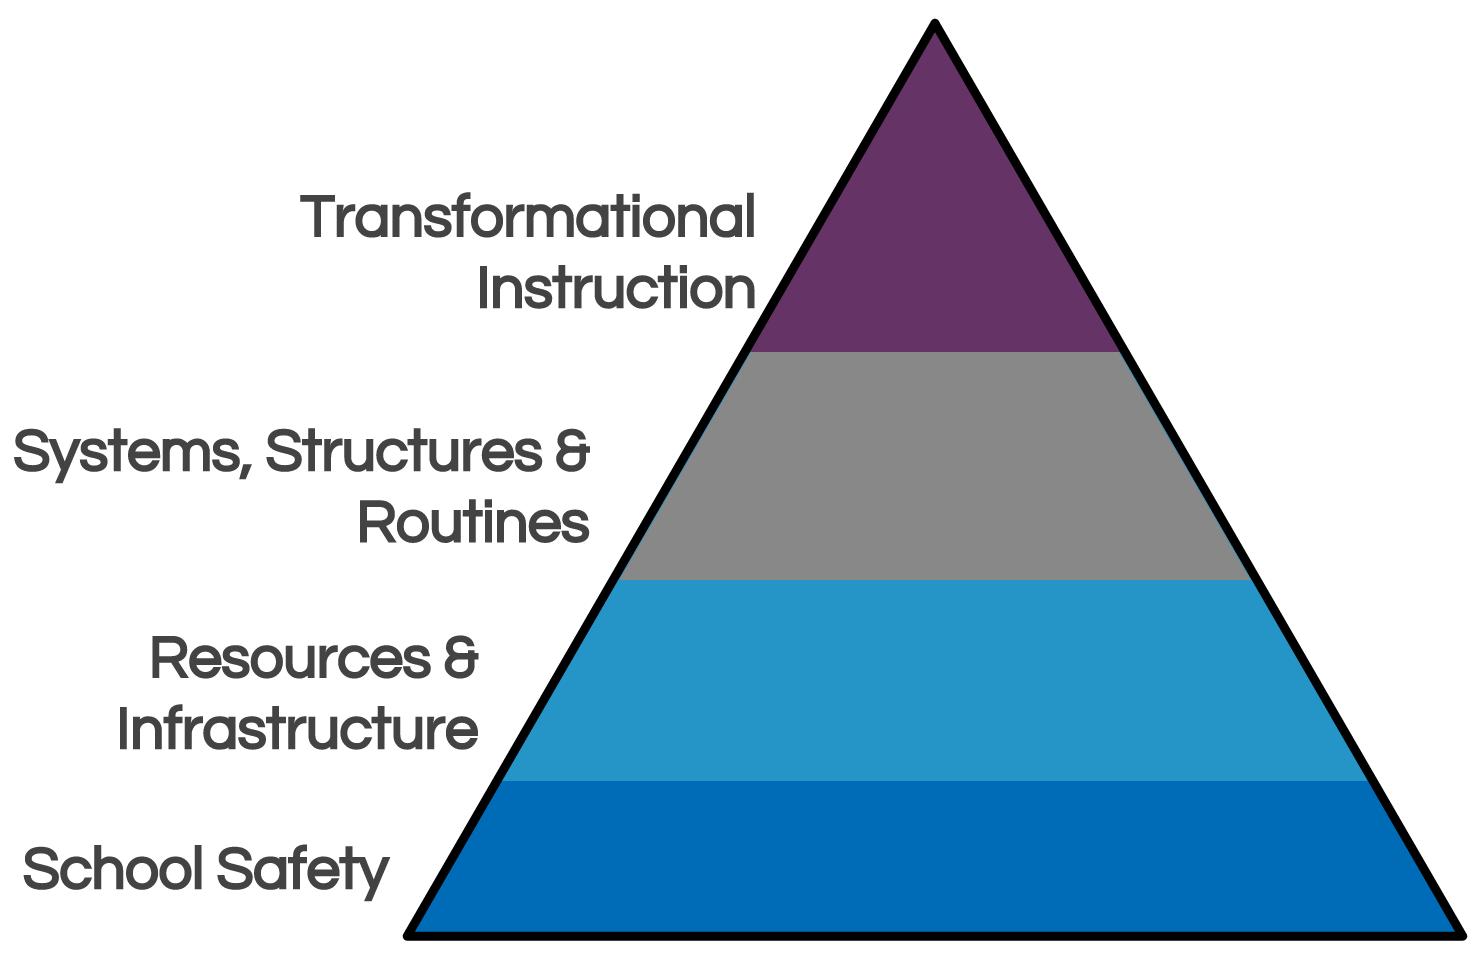 School Maslovian Hierarchy of Needs